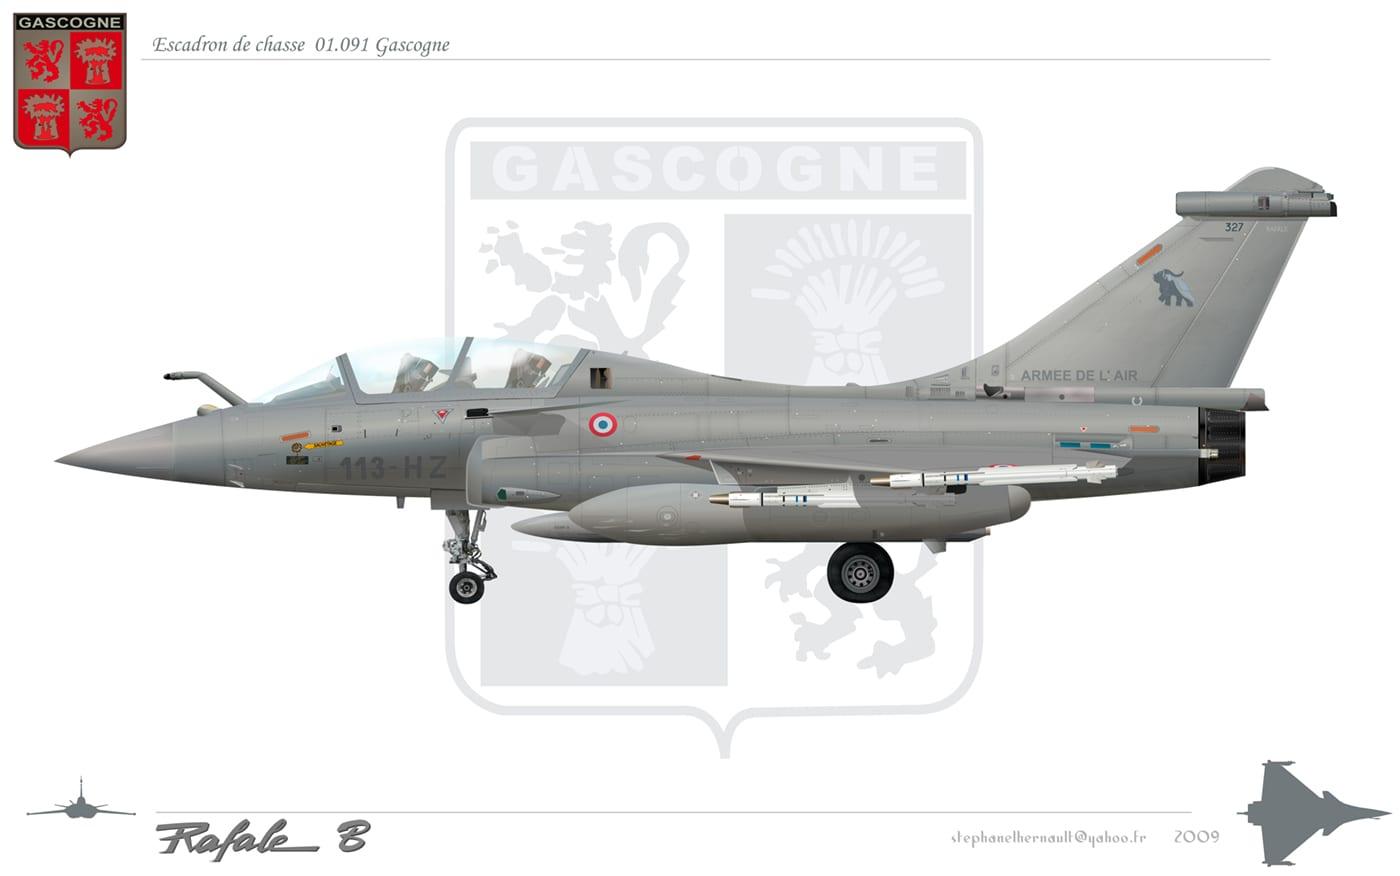 Γάλλοι μαχητές – Armée de l'air spécial 4e escadre de chasse